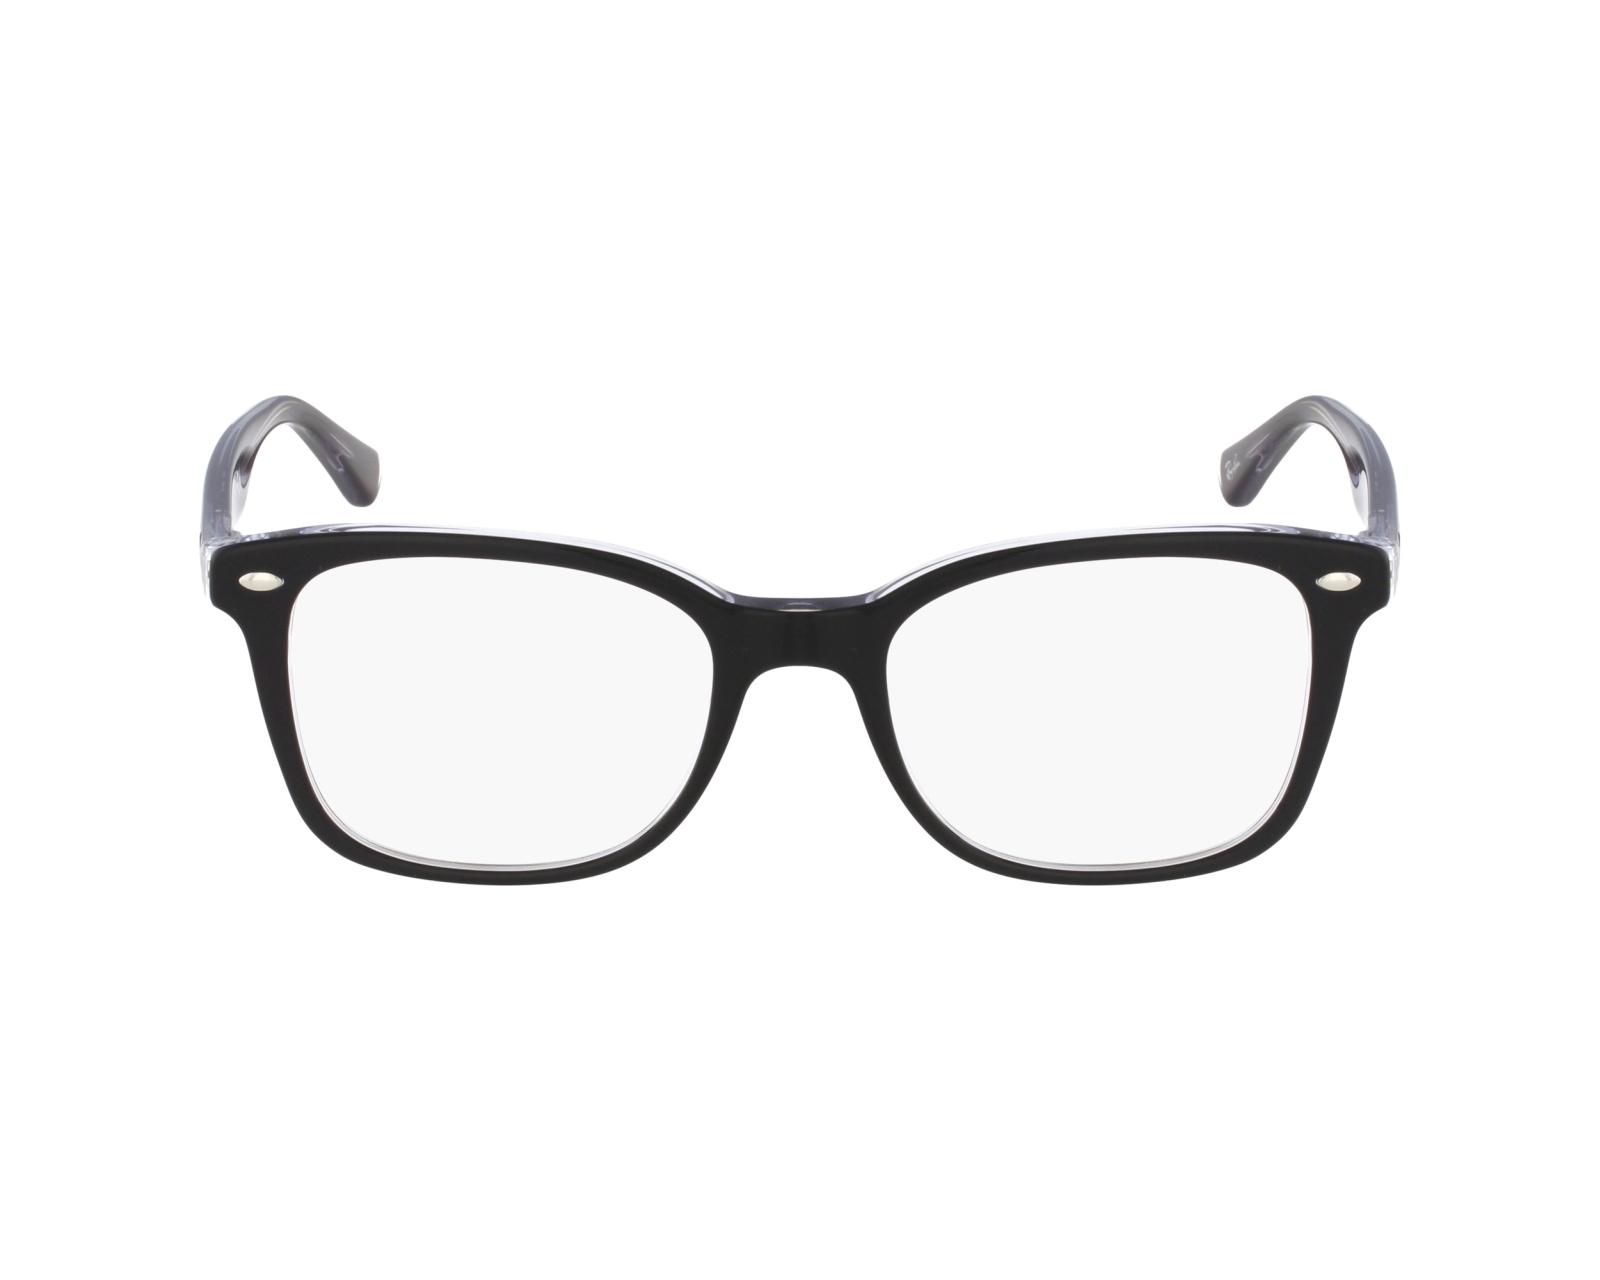 c5b0f766f85 eyeglasses Ray-Ban RX-5285 2034 - Black profile view